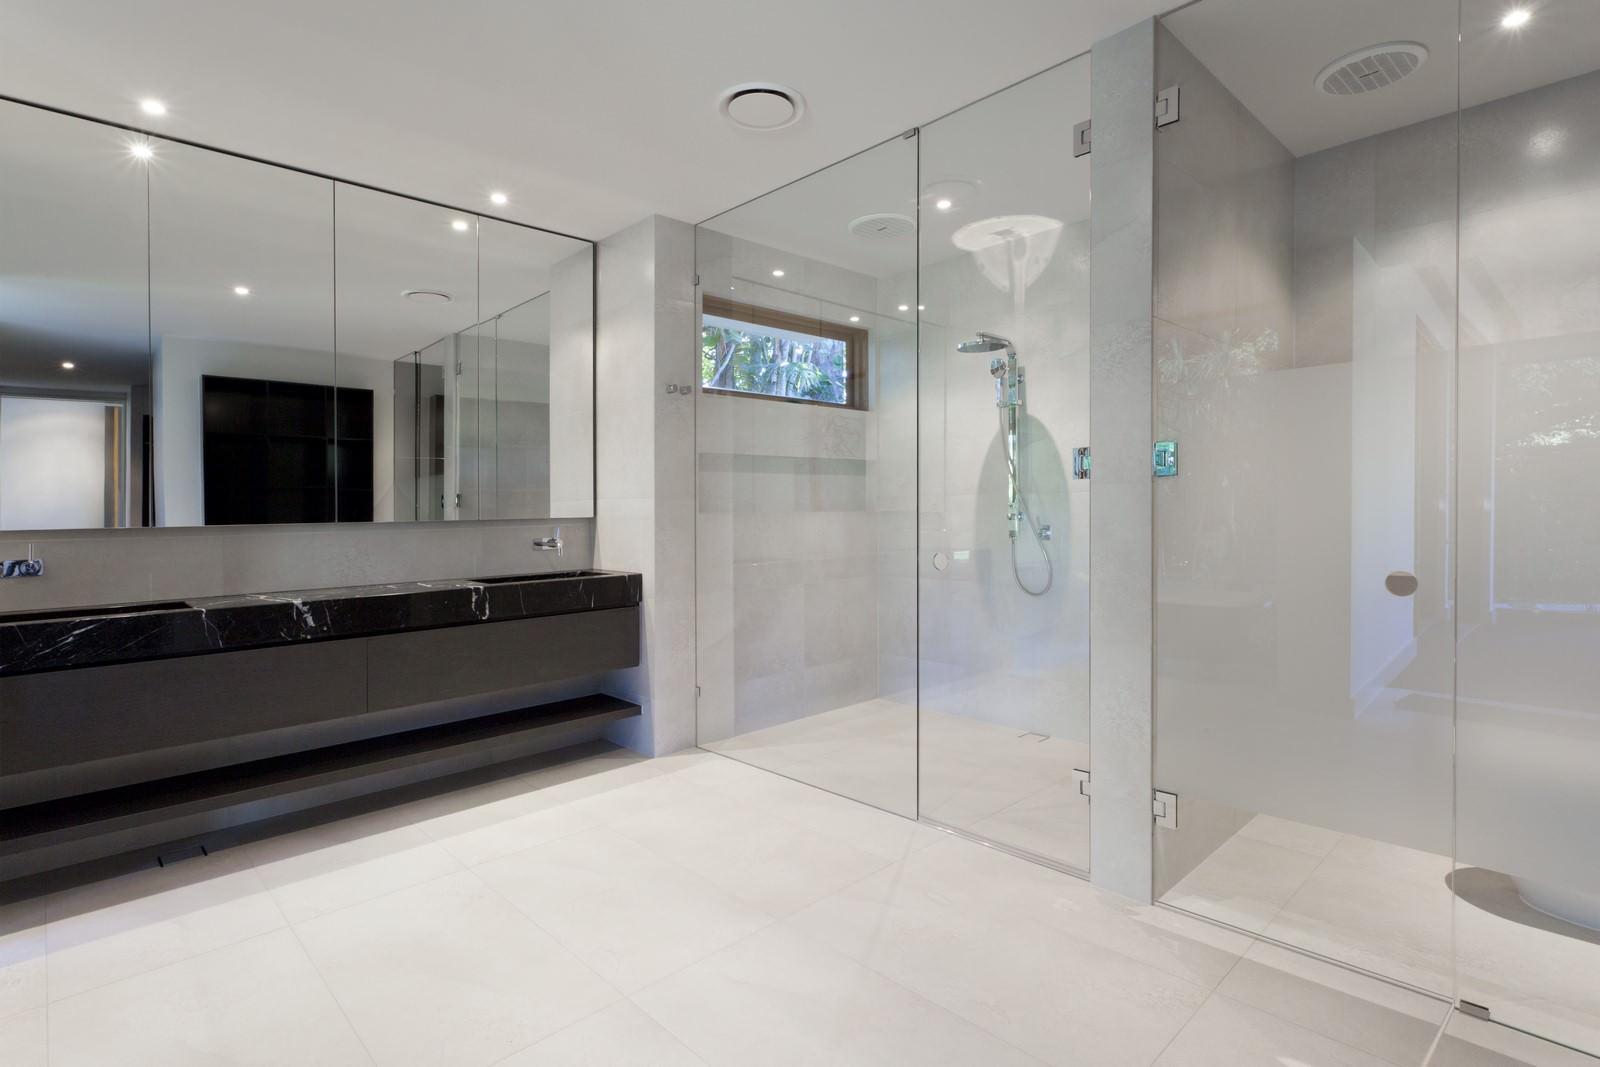 Tanguy salle de bain salle d 39 eau wc - Impermeabilisant salle de bain ...